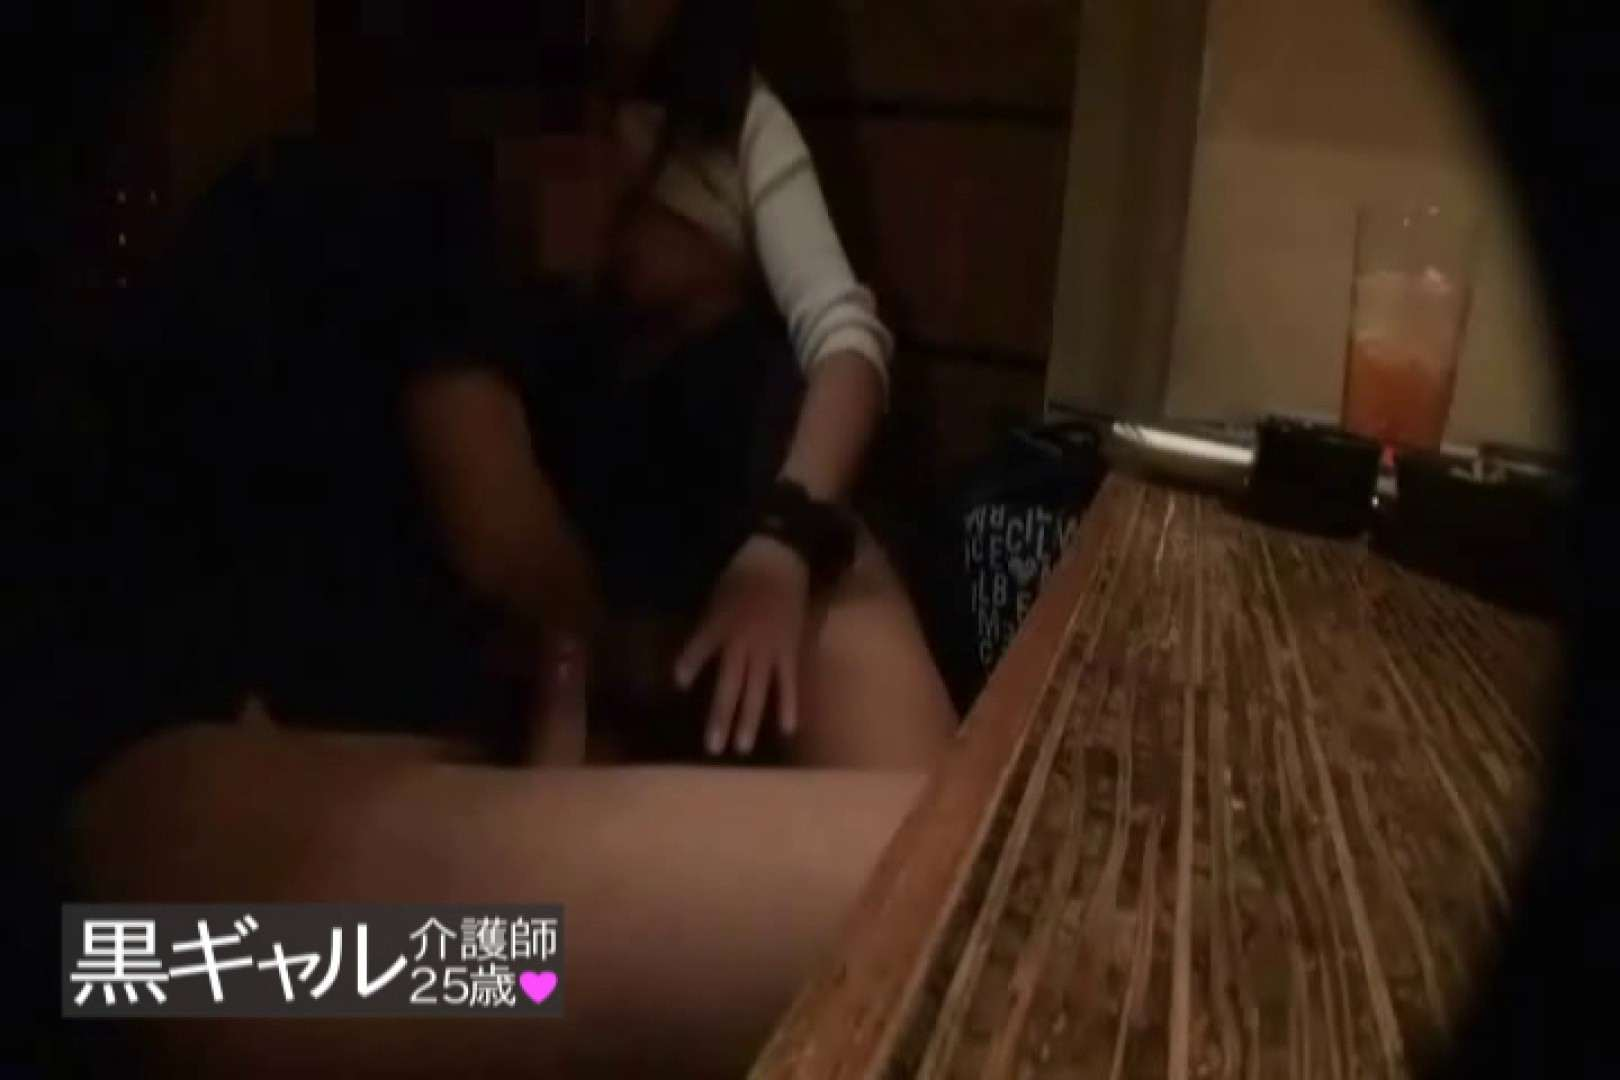 独占入手 従順M黒ギャル介護師25歳vol.3 ナンパ | 車  91連発 39